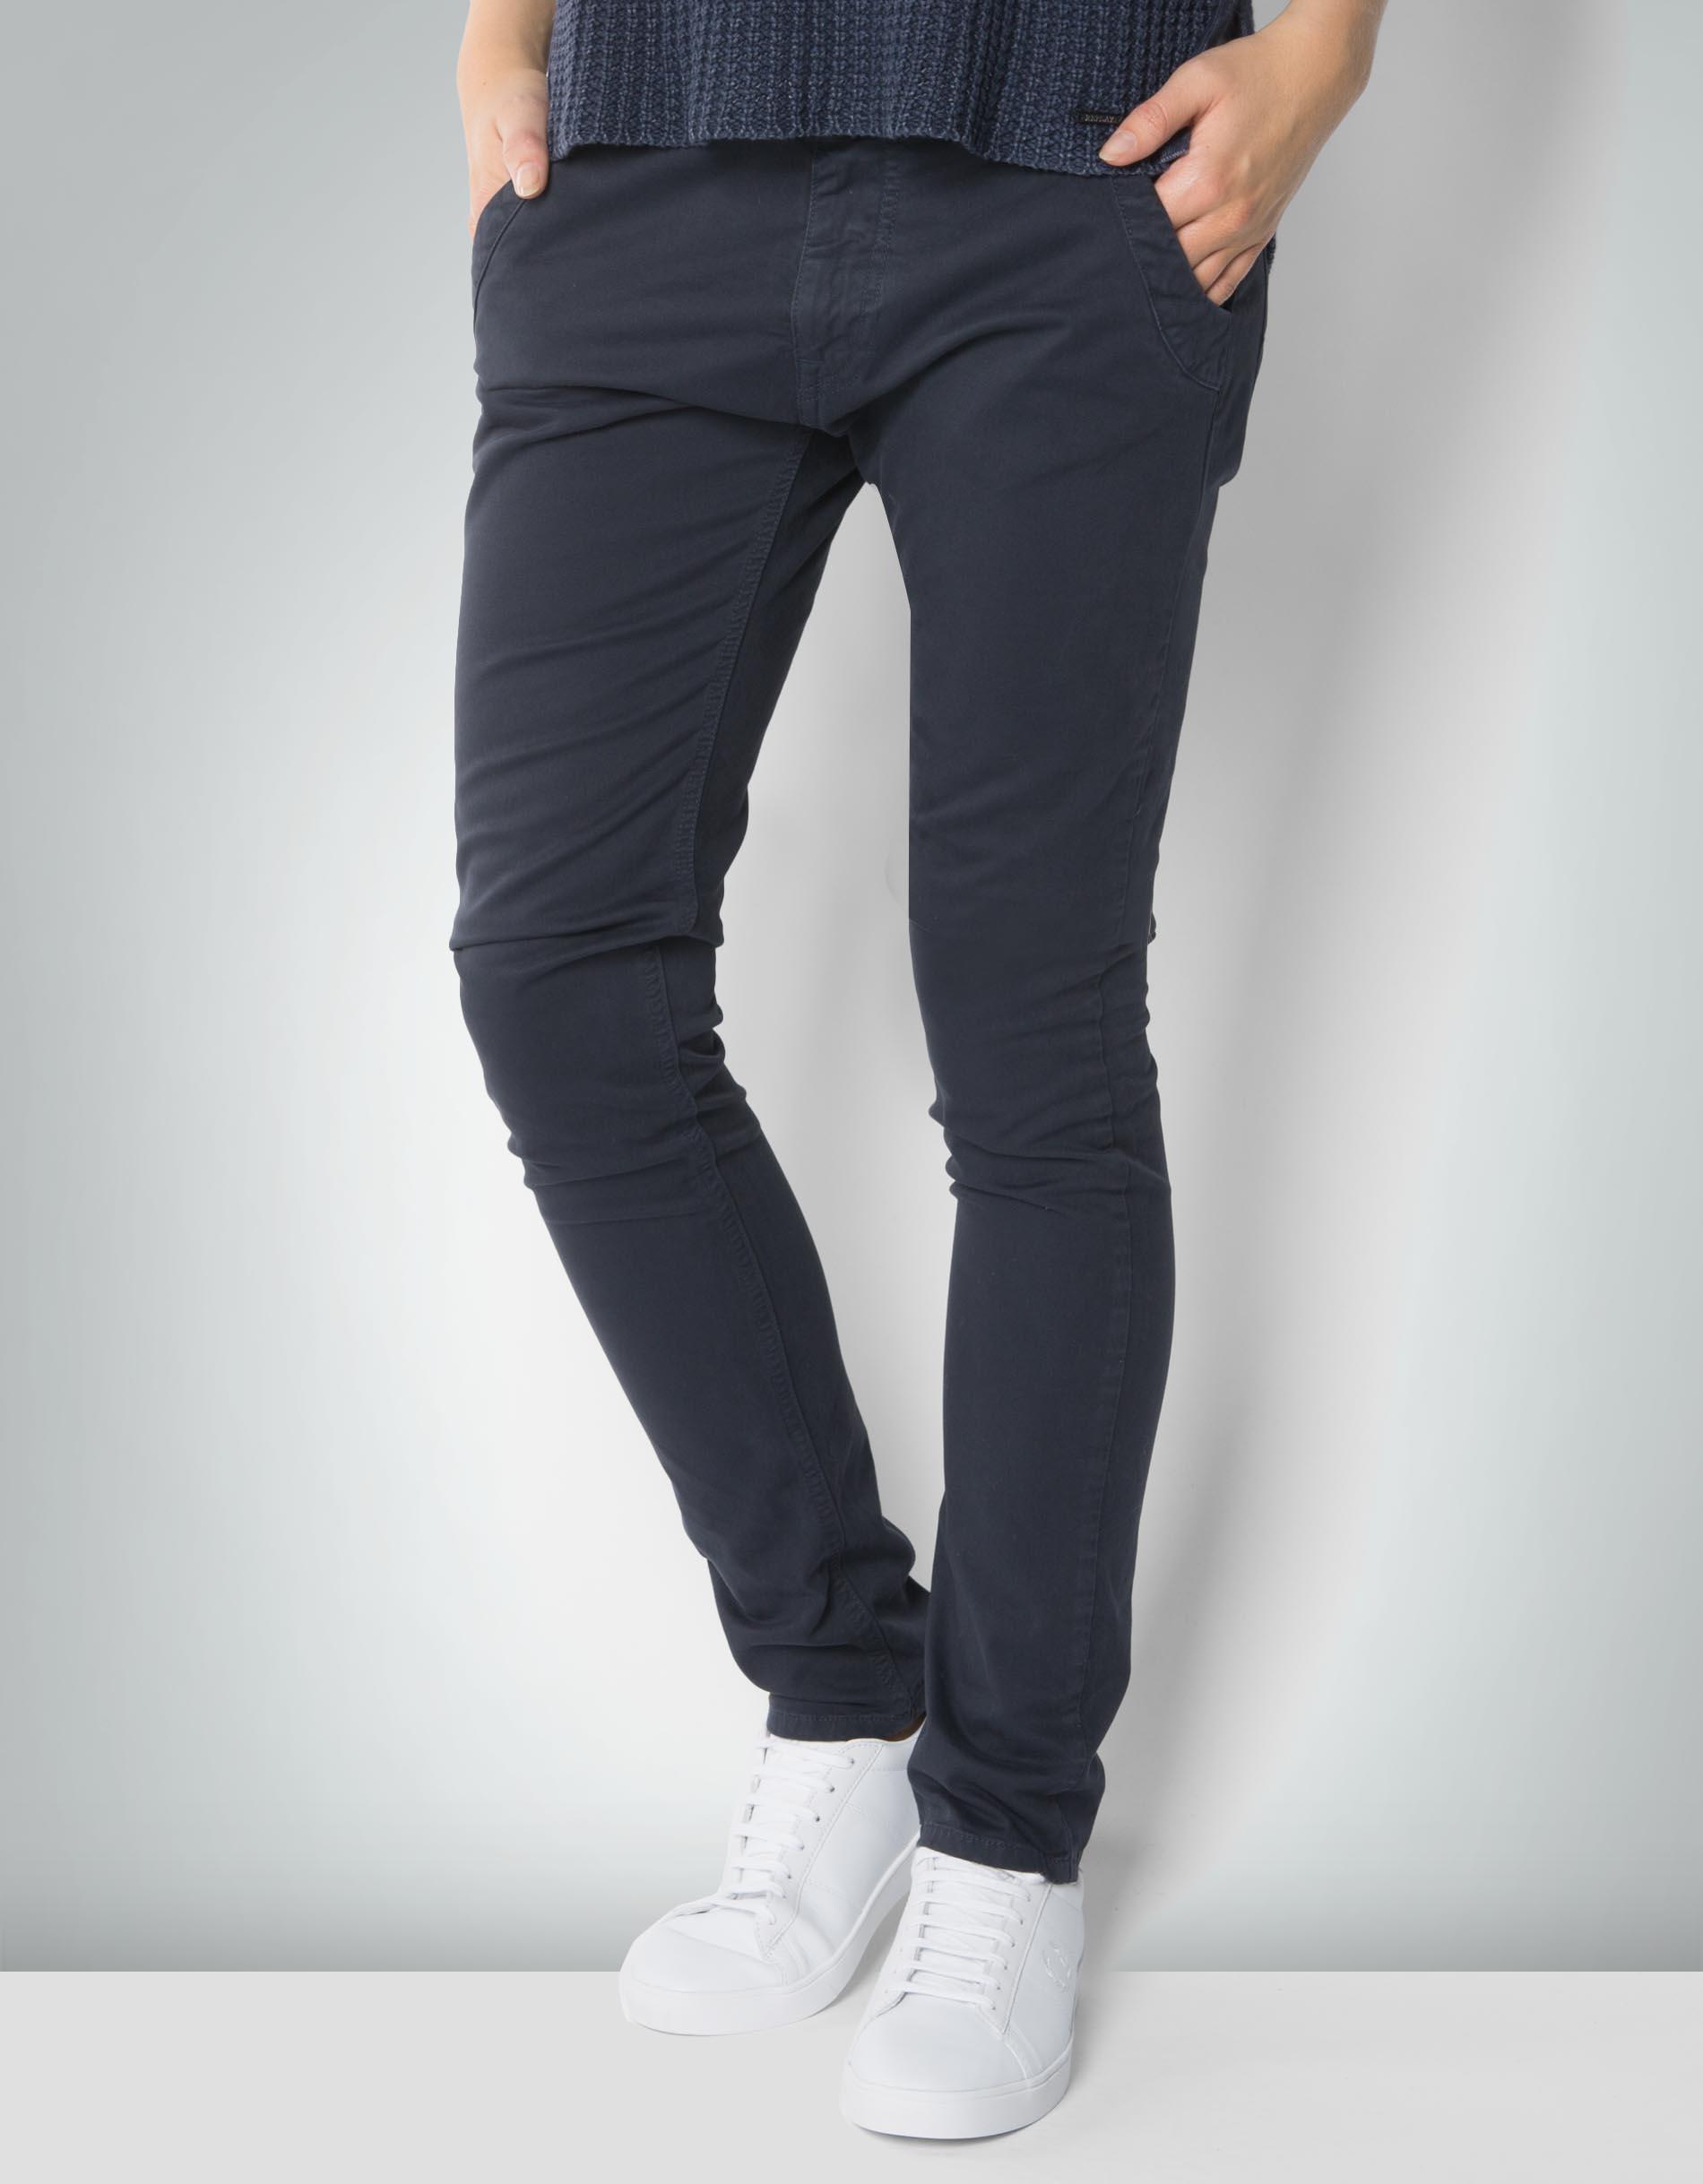 replay damen jeans denice aus baumwolle empfohlen von. Black Bedroom Furniture Sets. Home Design Ideas